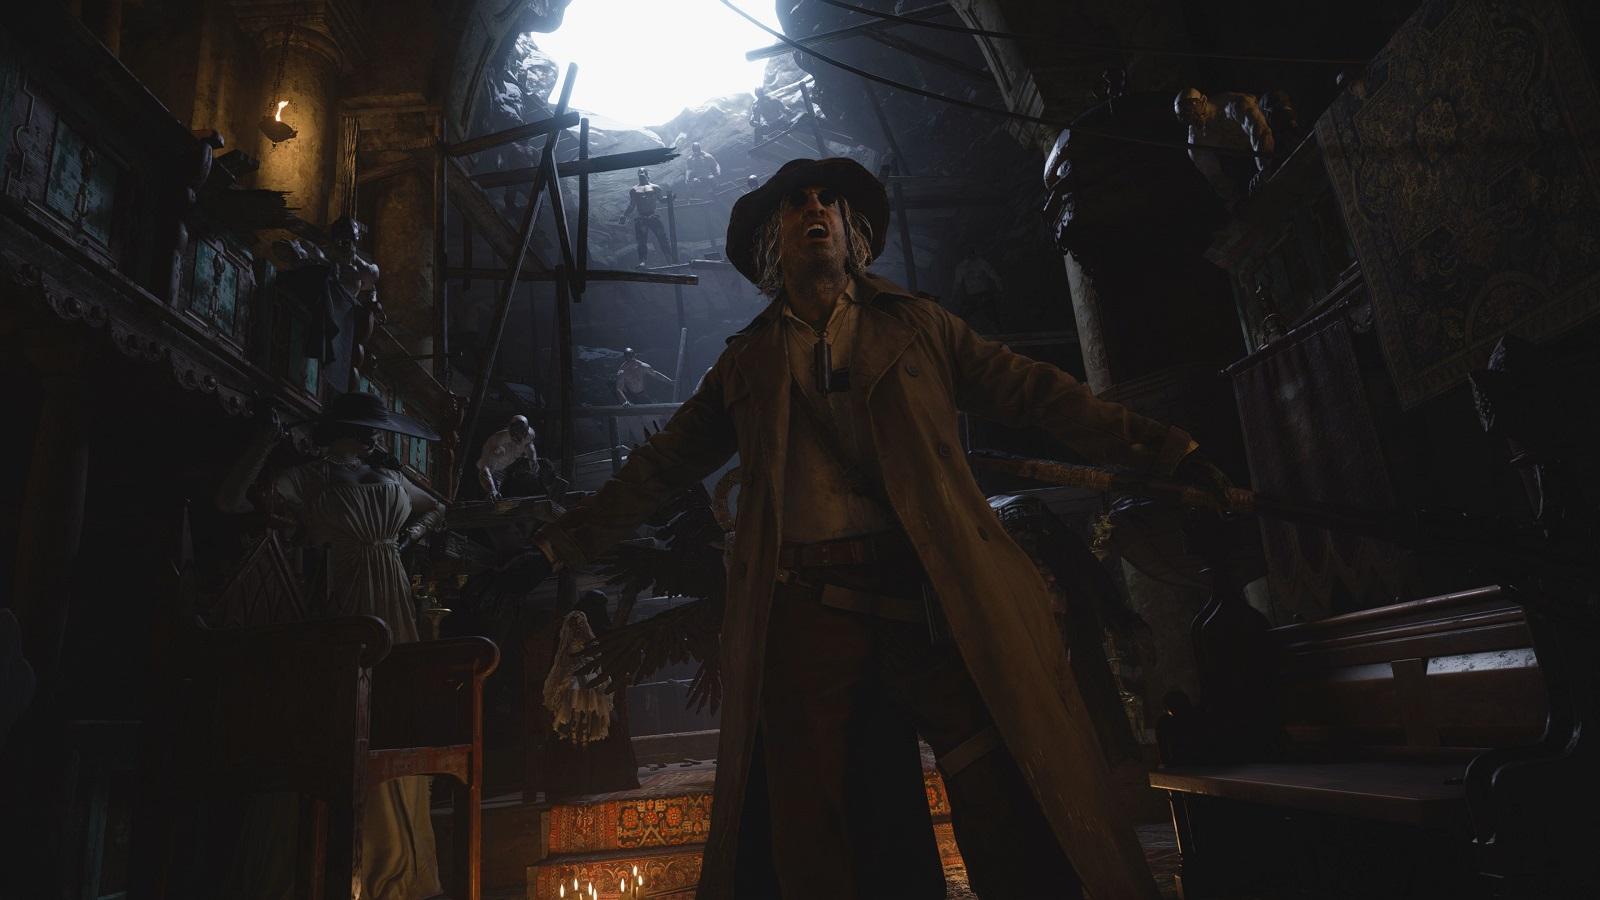 Видео: лидеры деревни, прятки от леди Димитреску и не только в 28-минутном геймплейном ролике Resident Evil Village